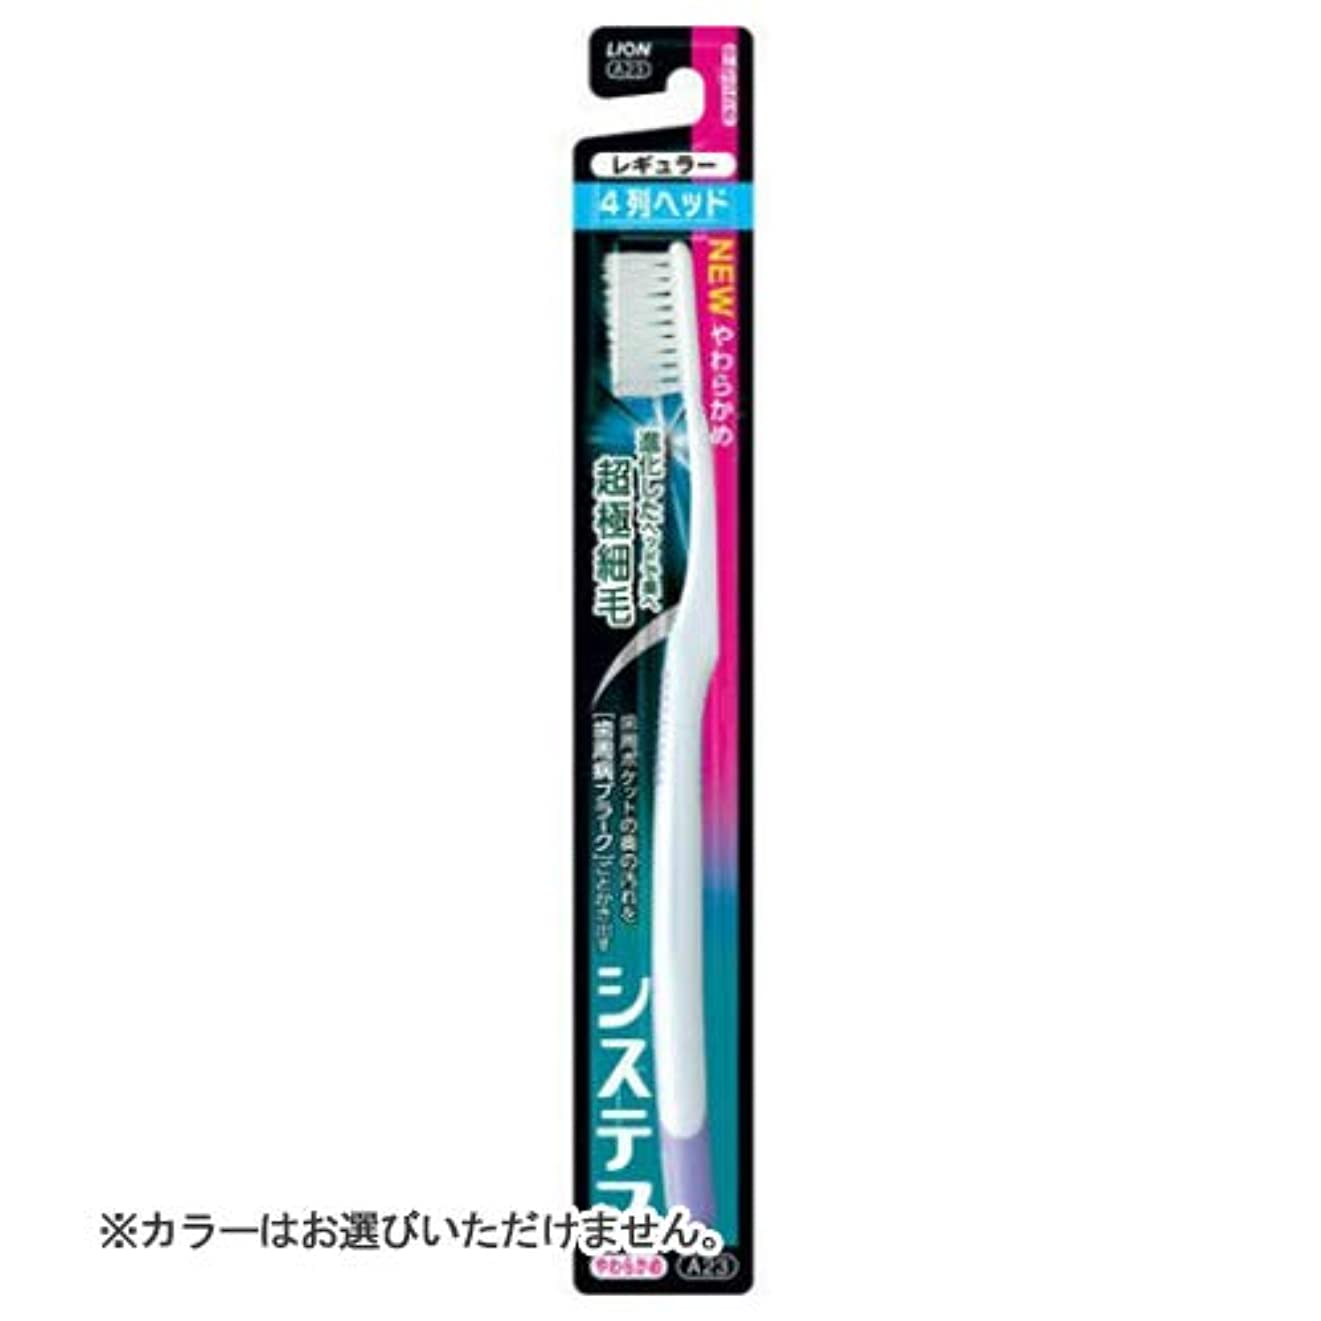 パステル科学者ナインへライオン システマ ハブラシ レギュラー4列 やわらかめ (1本) 大人用 歯ブラシ